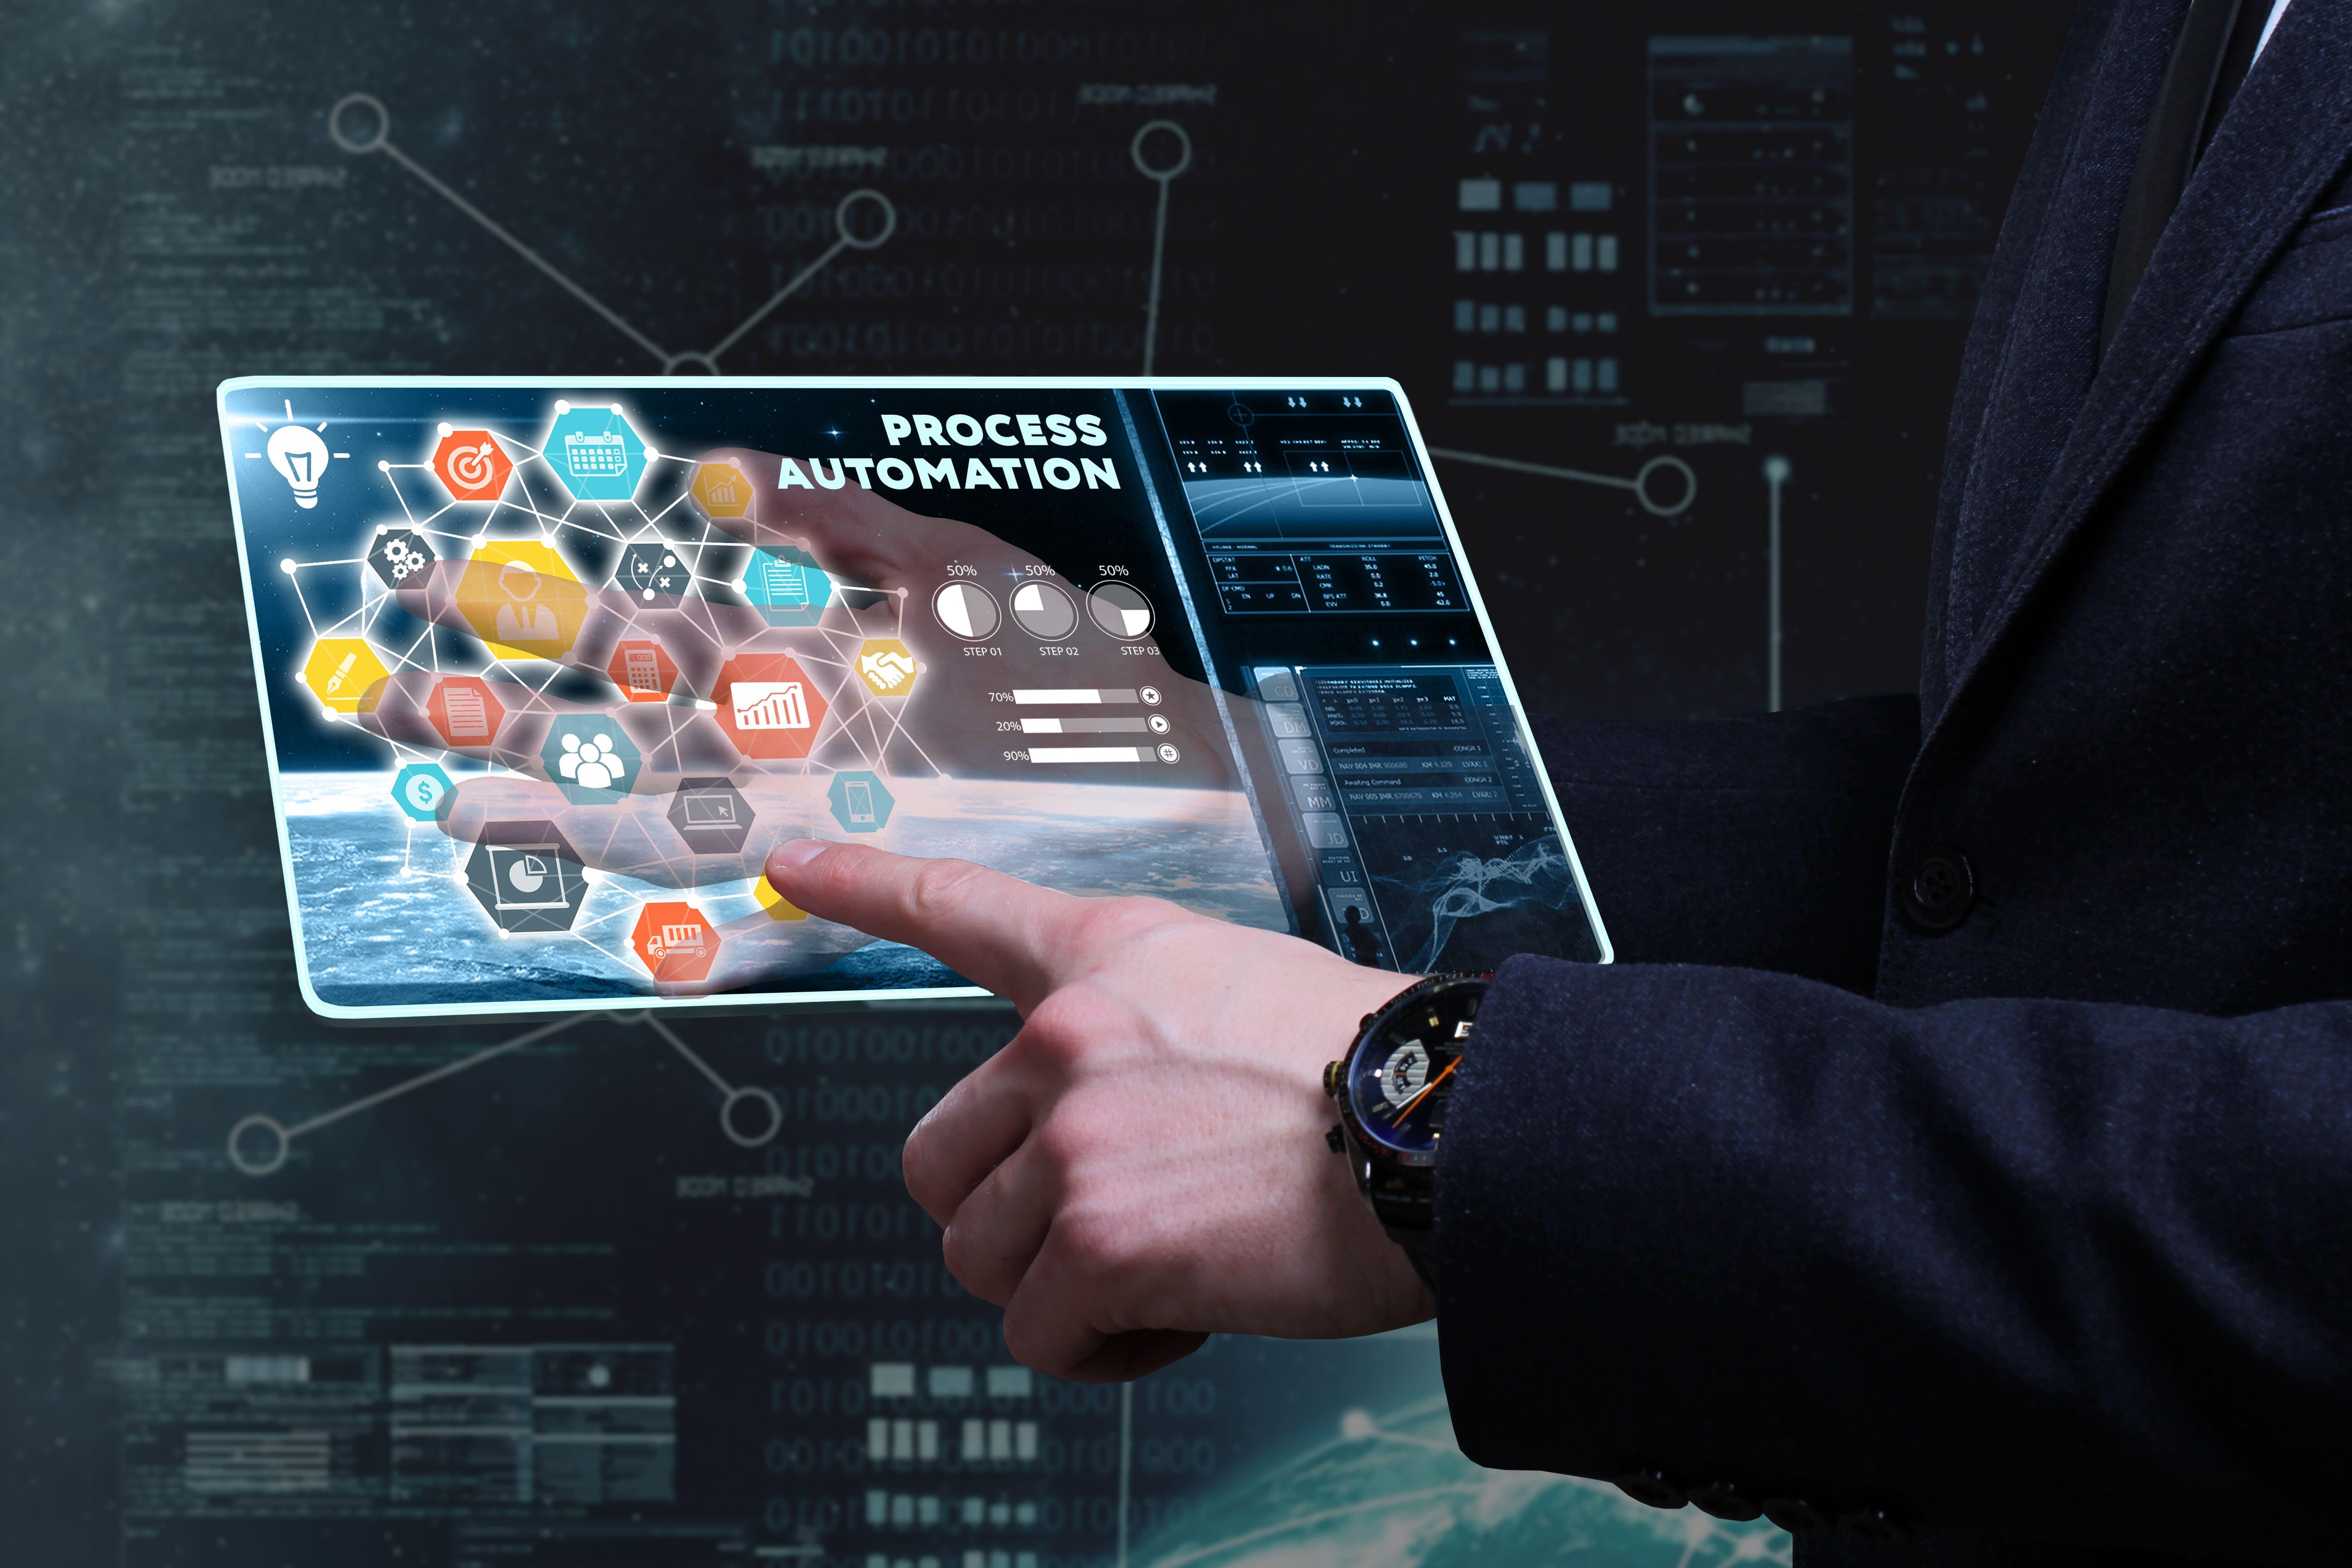 Imagem de um tablet para remeter ao empreendedor que deseja saber como automatizar os processos de trabalho